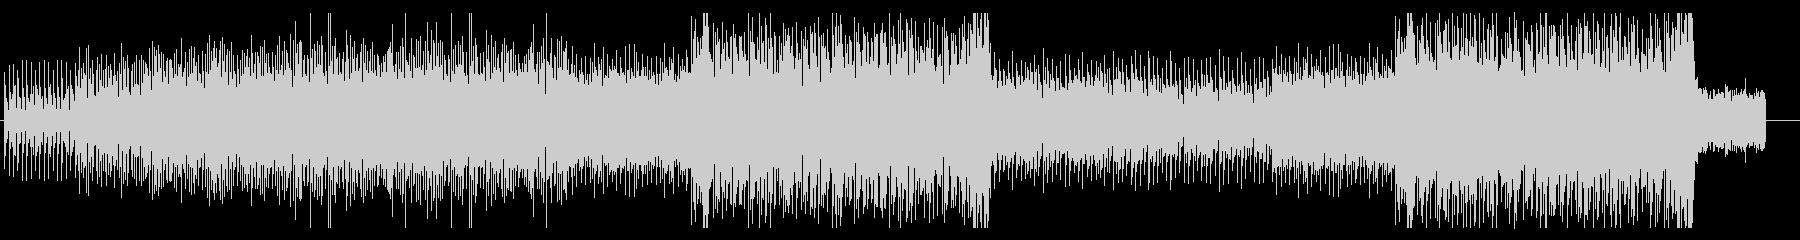 ミドルテンポの骨太なシンセRockの未再生の波形